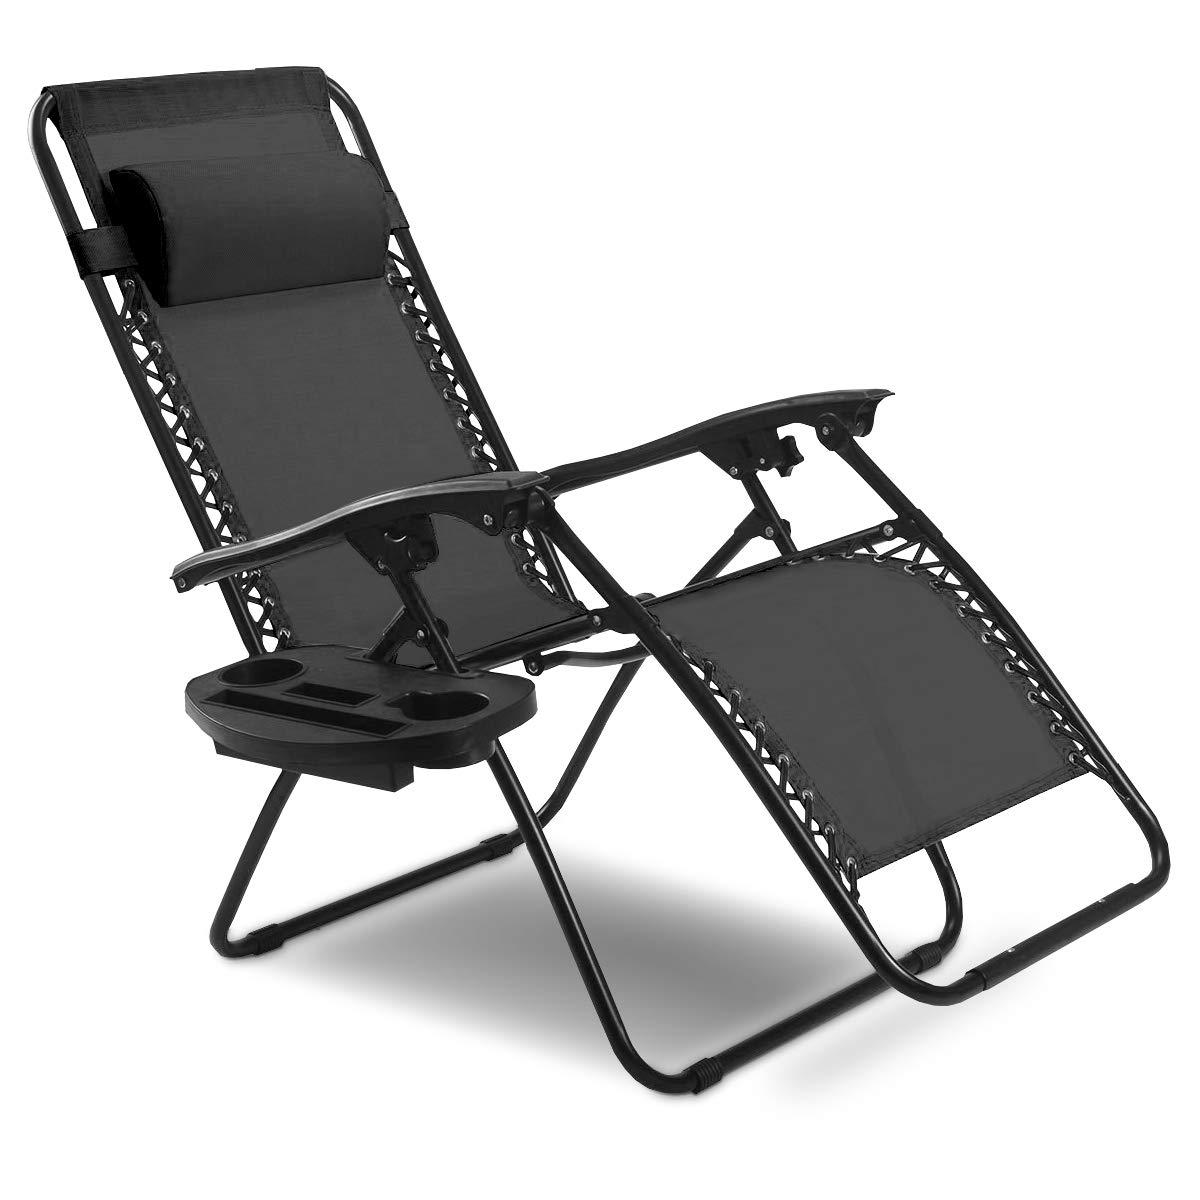 Goplus Folding Zero Gravity Reclining Lounge Chairs Outdoor Beach Patio W/Utility Tray (Black) by Goplus